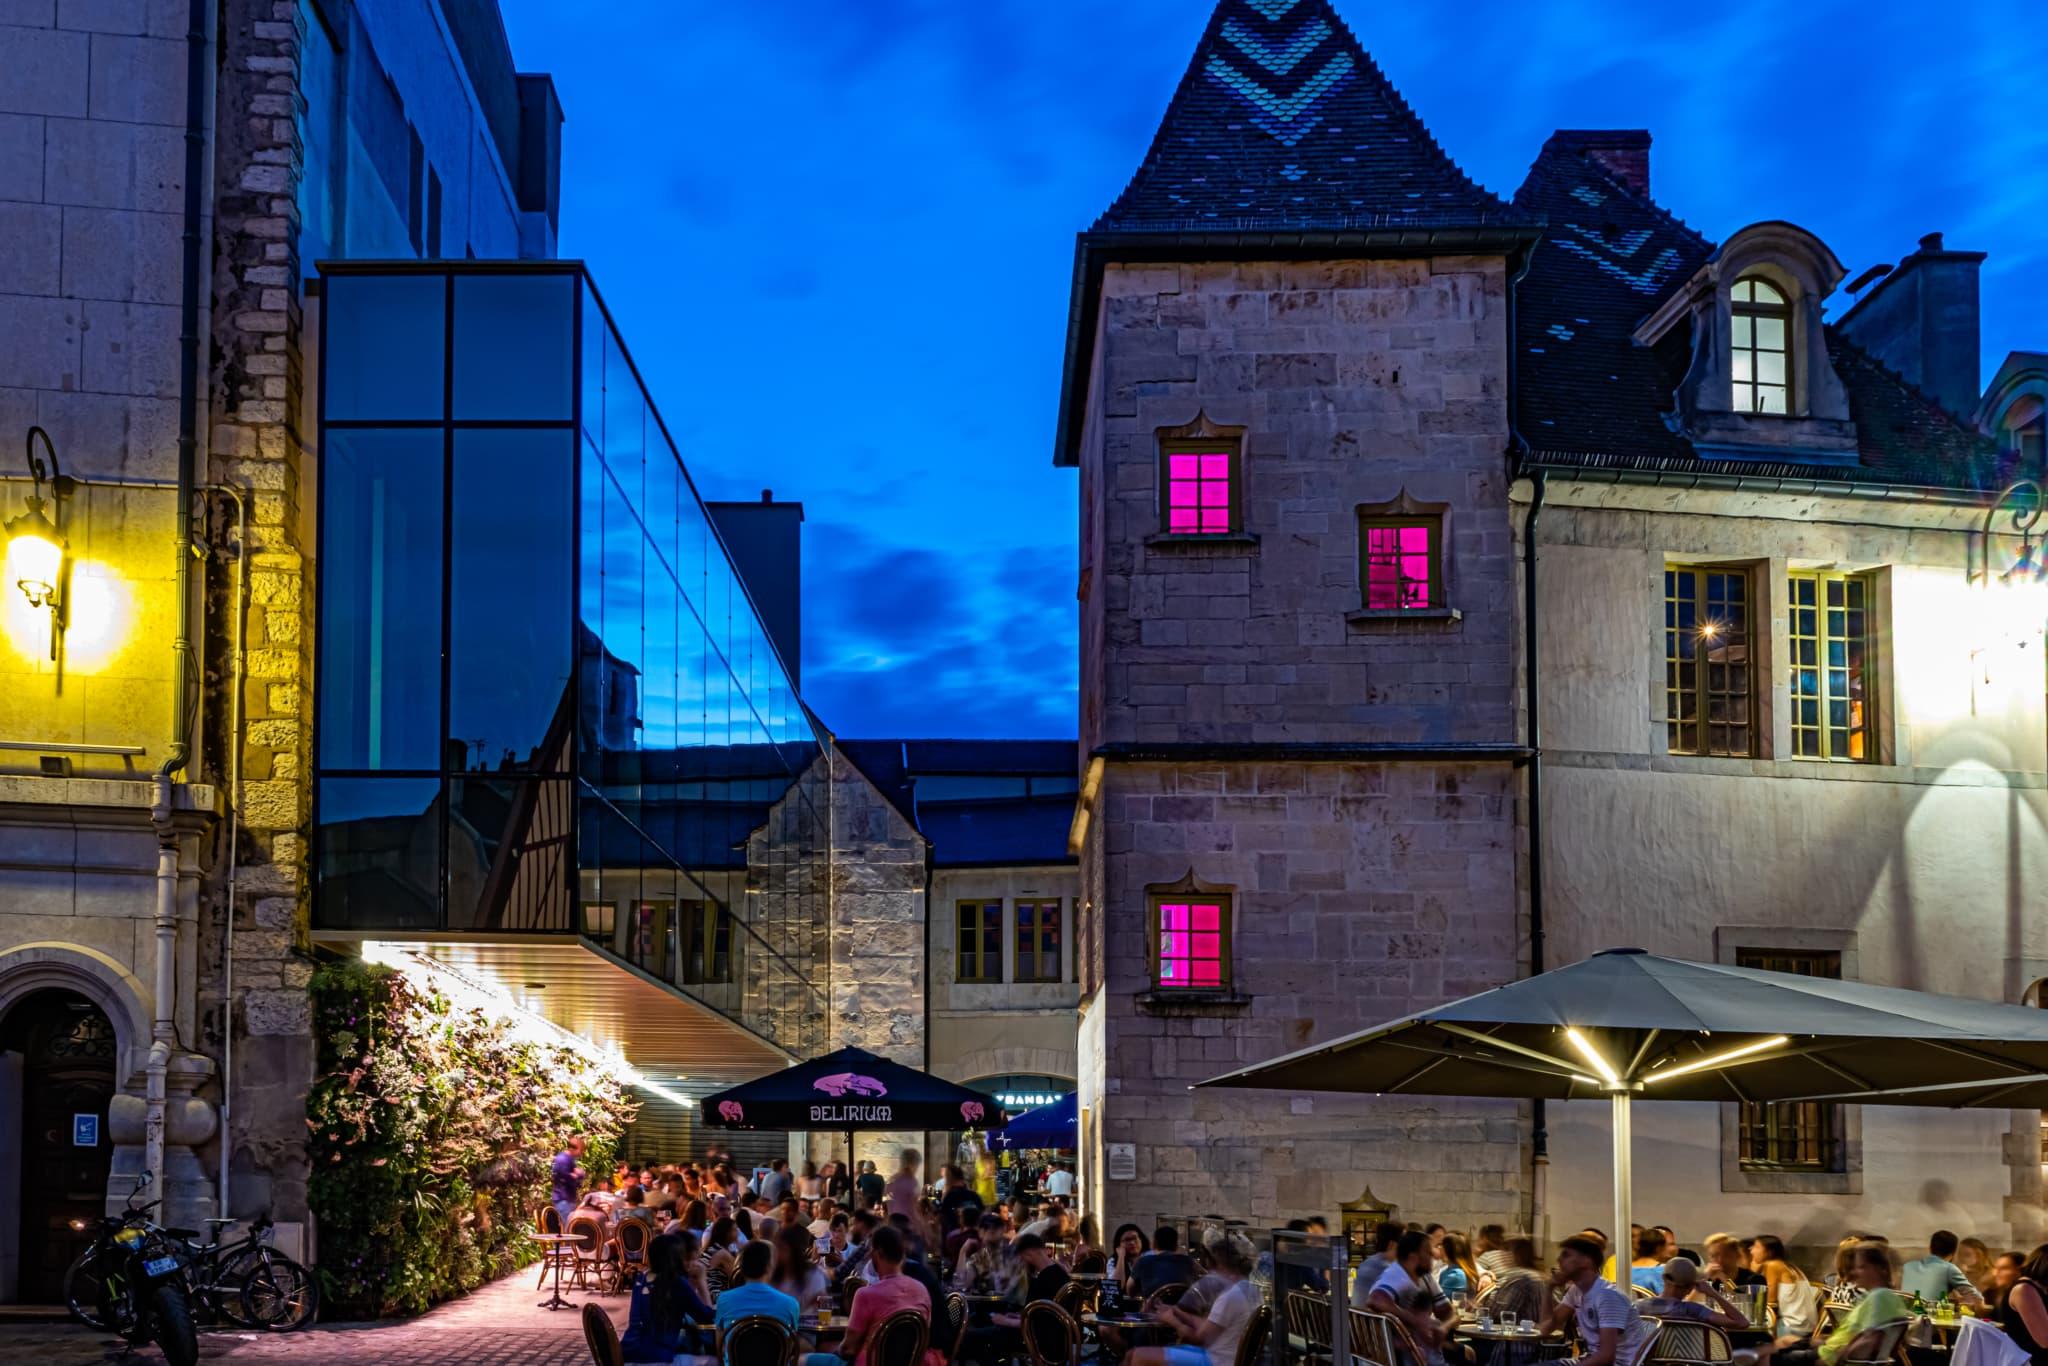 La Cour Bareuzai de Dijon obtient un prix mondial d'architecture